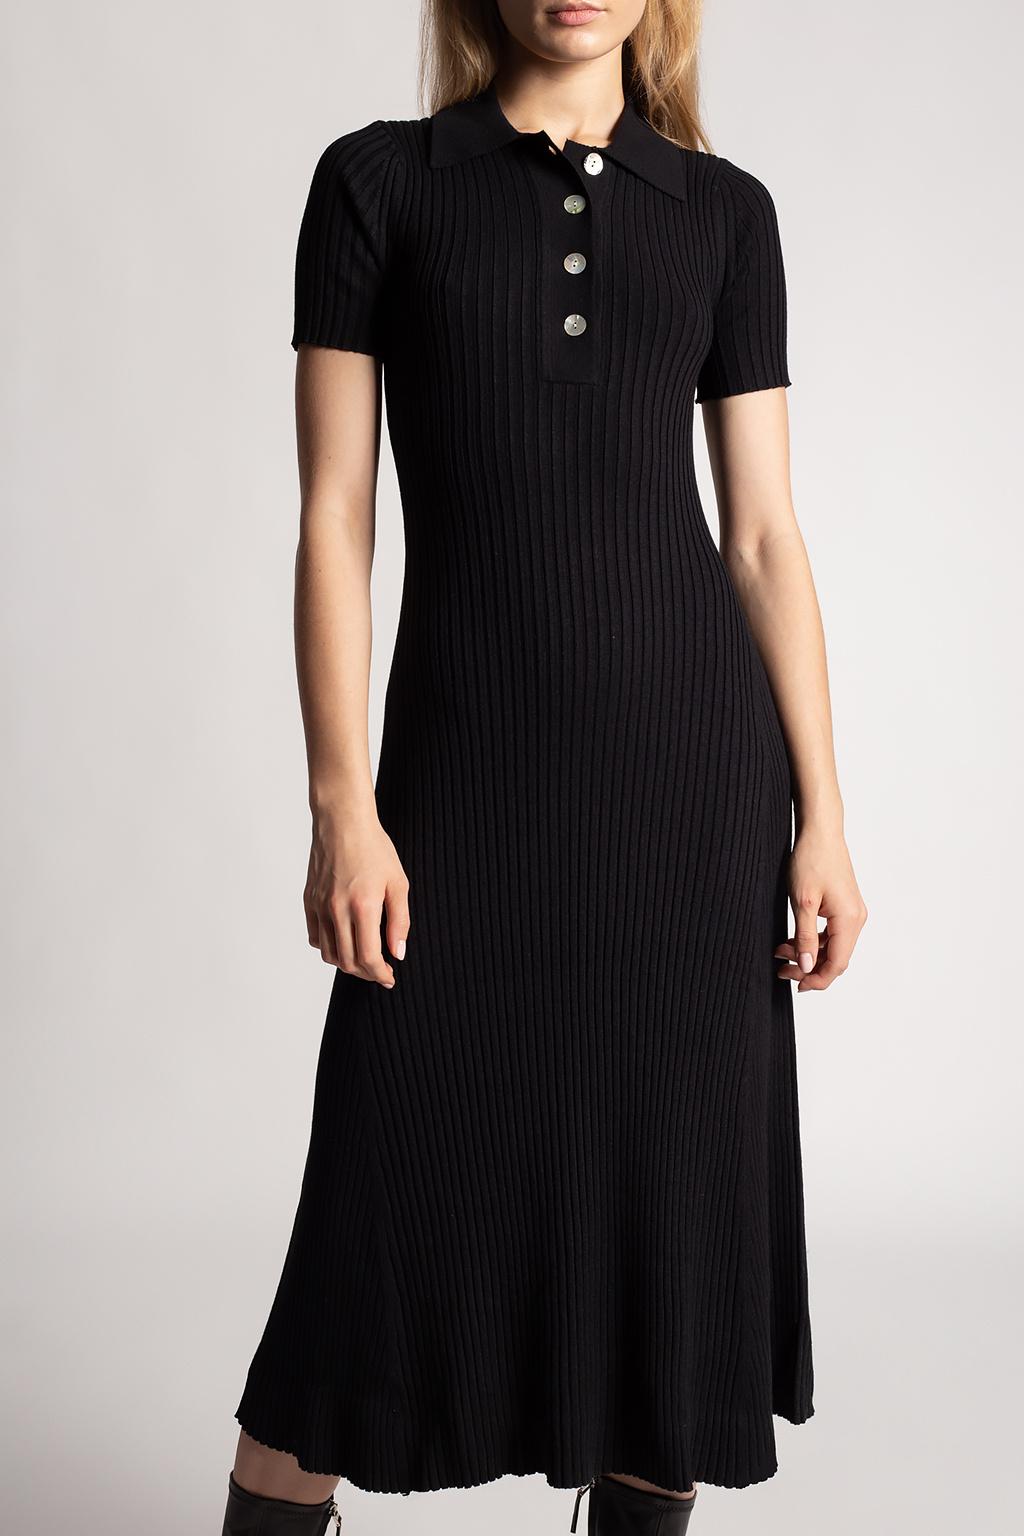 Samsøe Samsøe Short sleeve dress